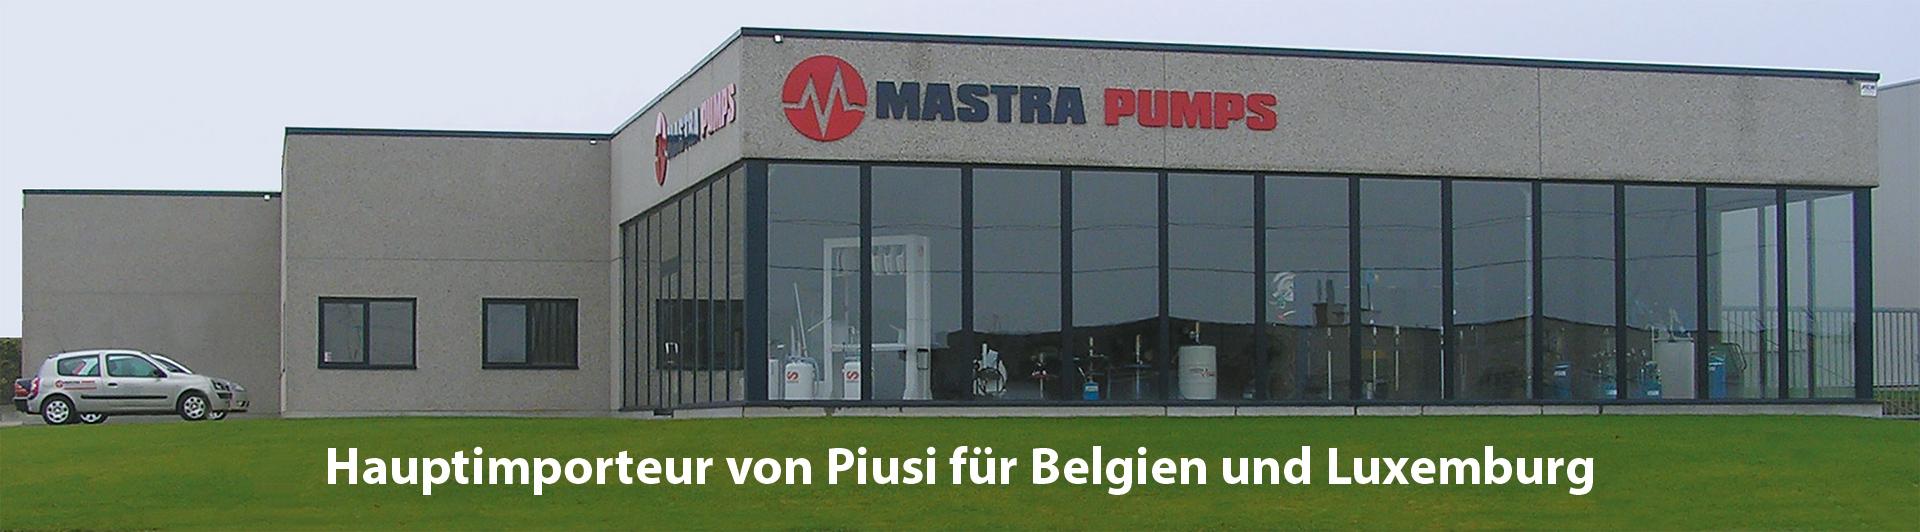 mastrapumps_de